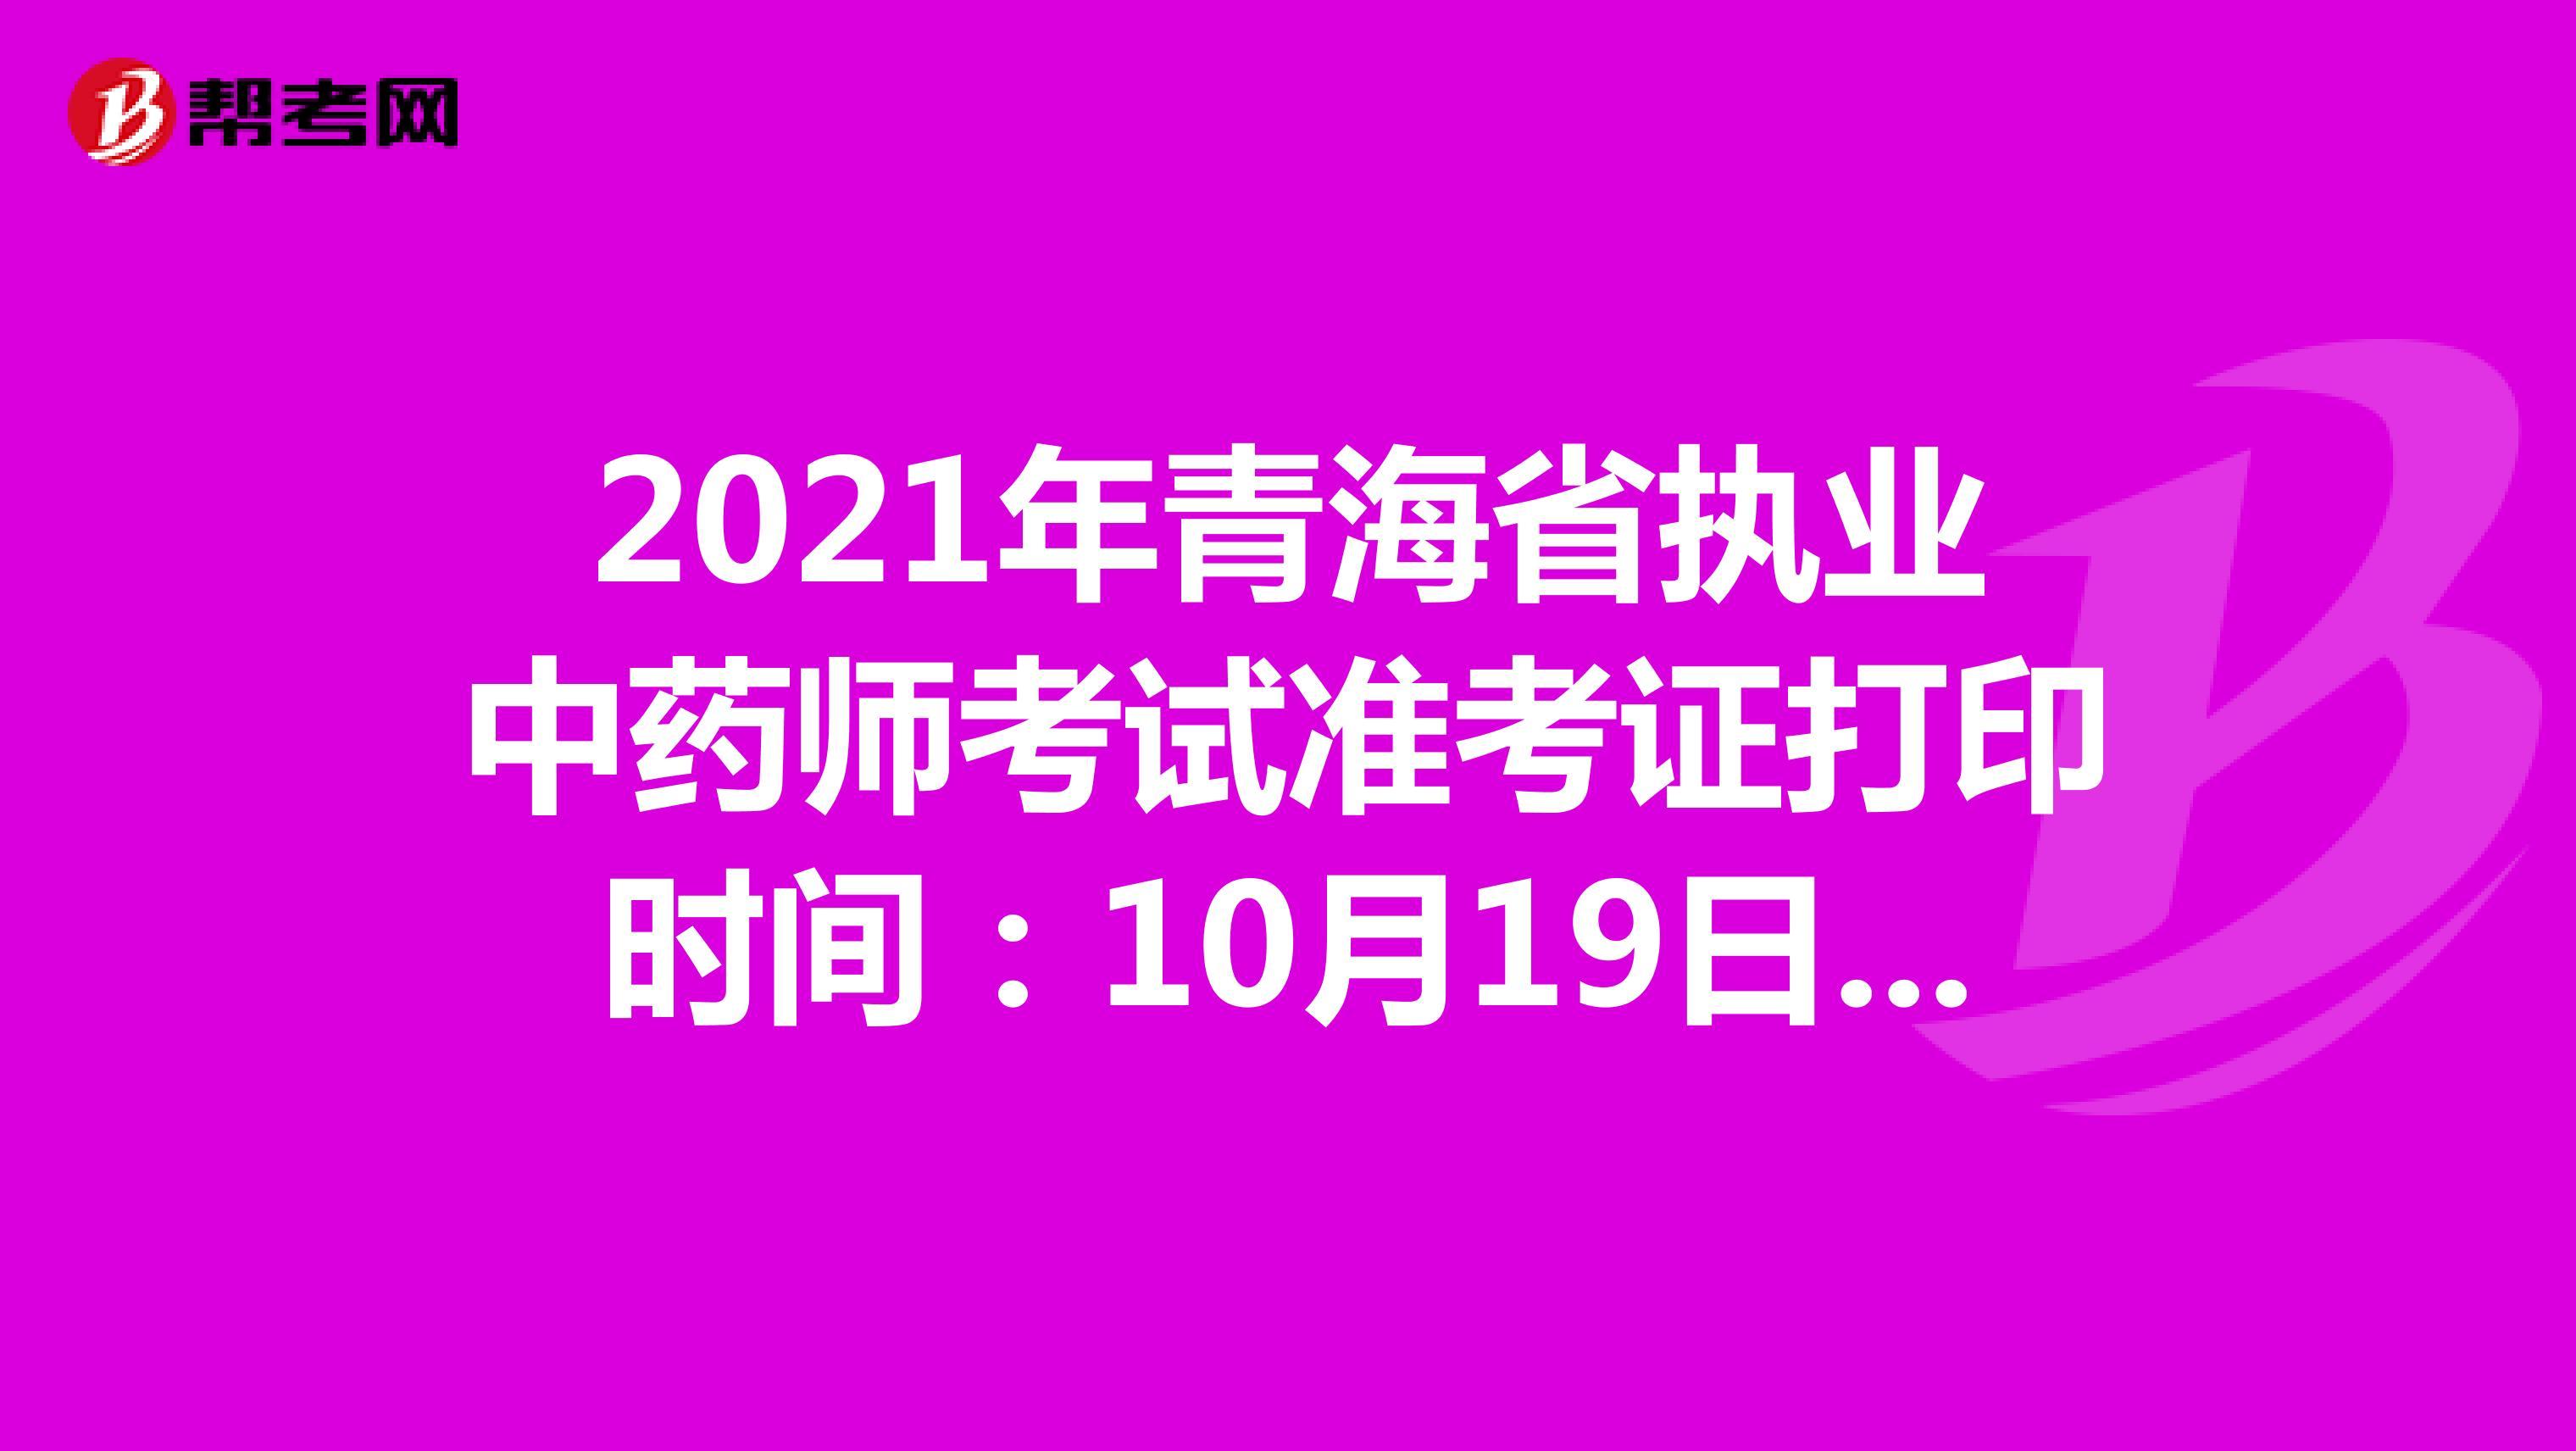 2021年青海省执业中药师考试准考证打印时间:10月19日-10月22日